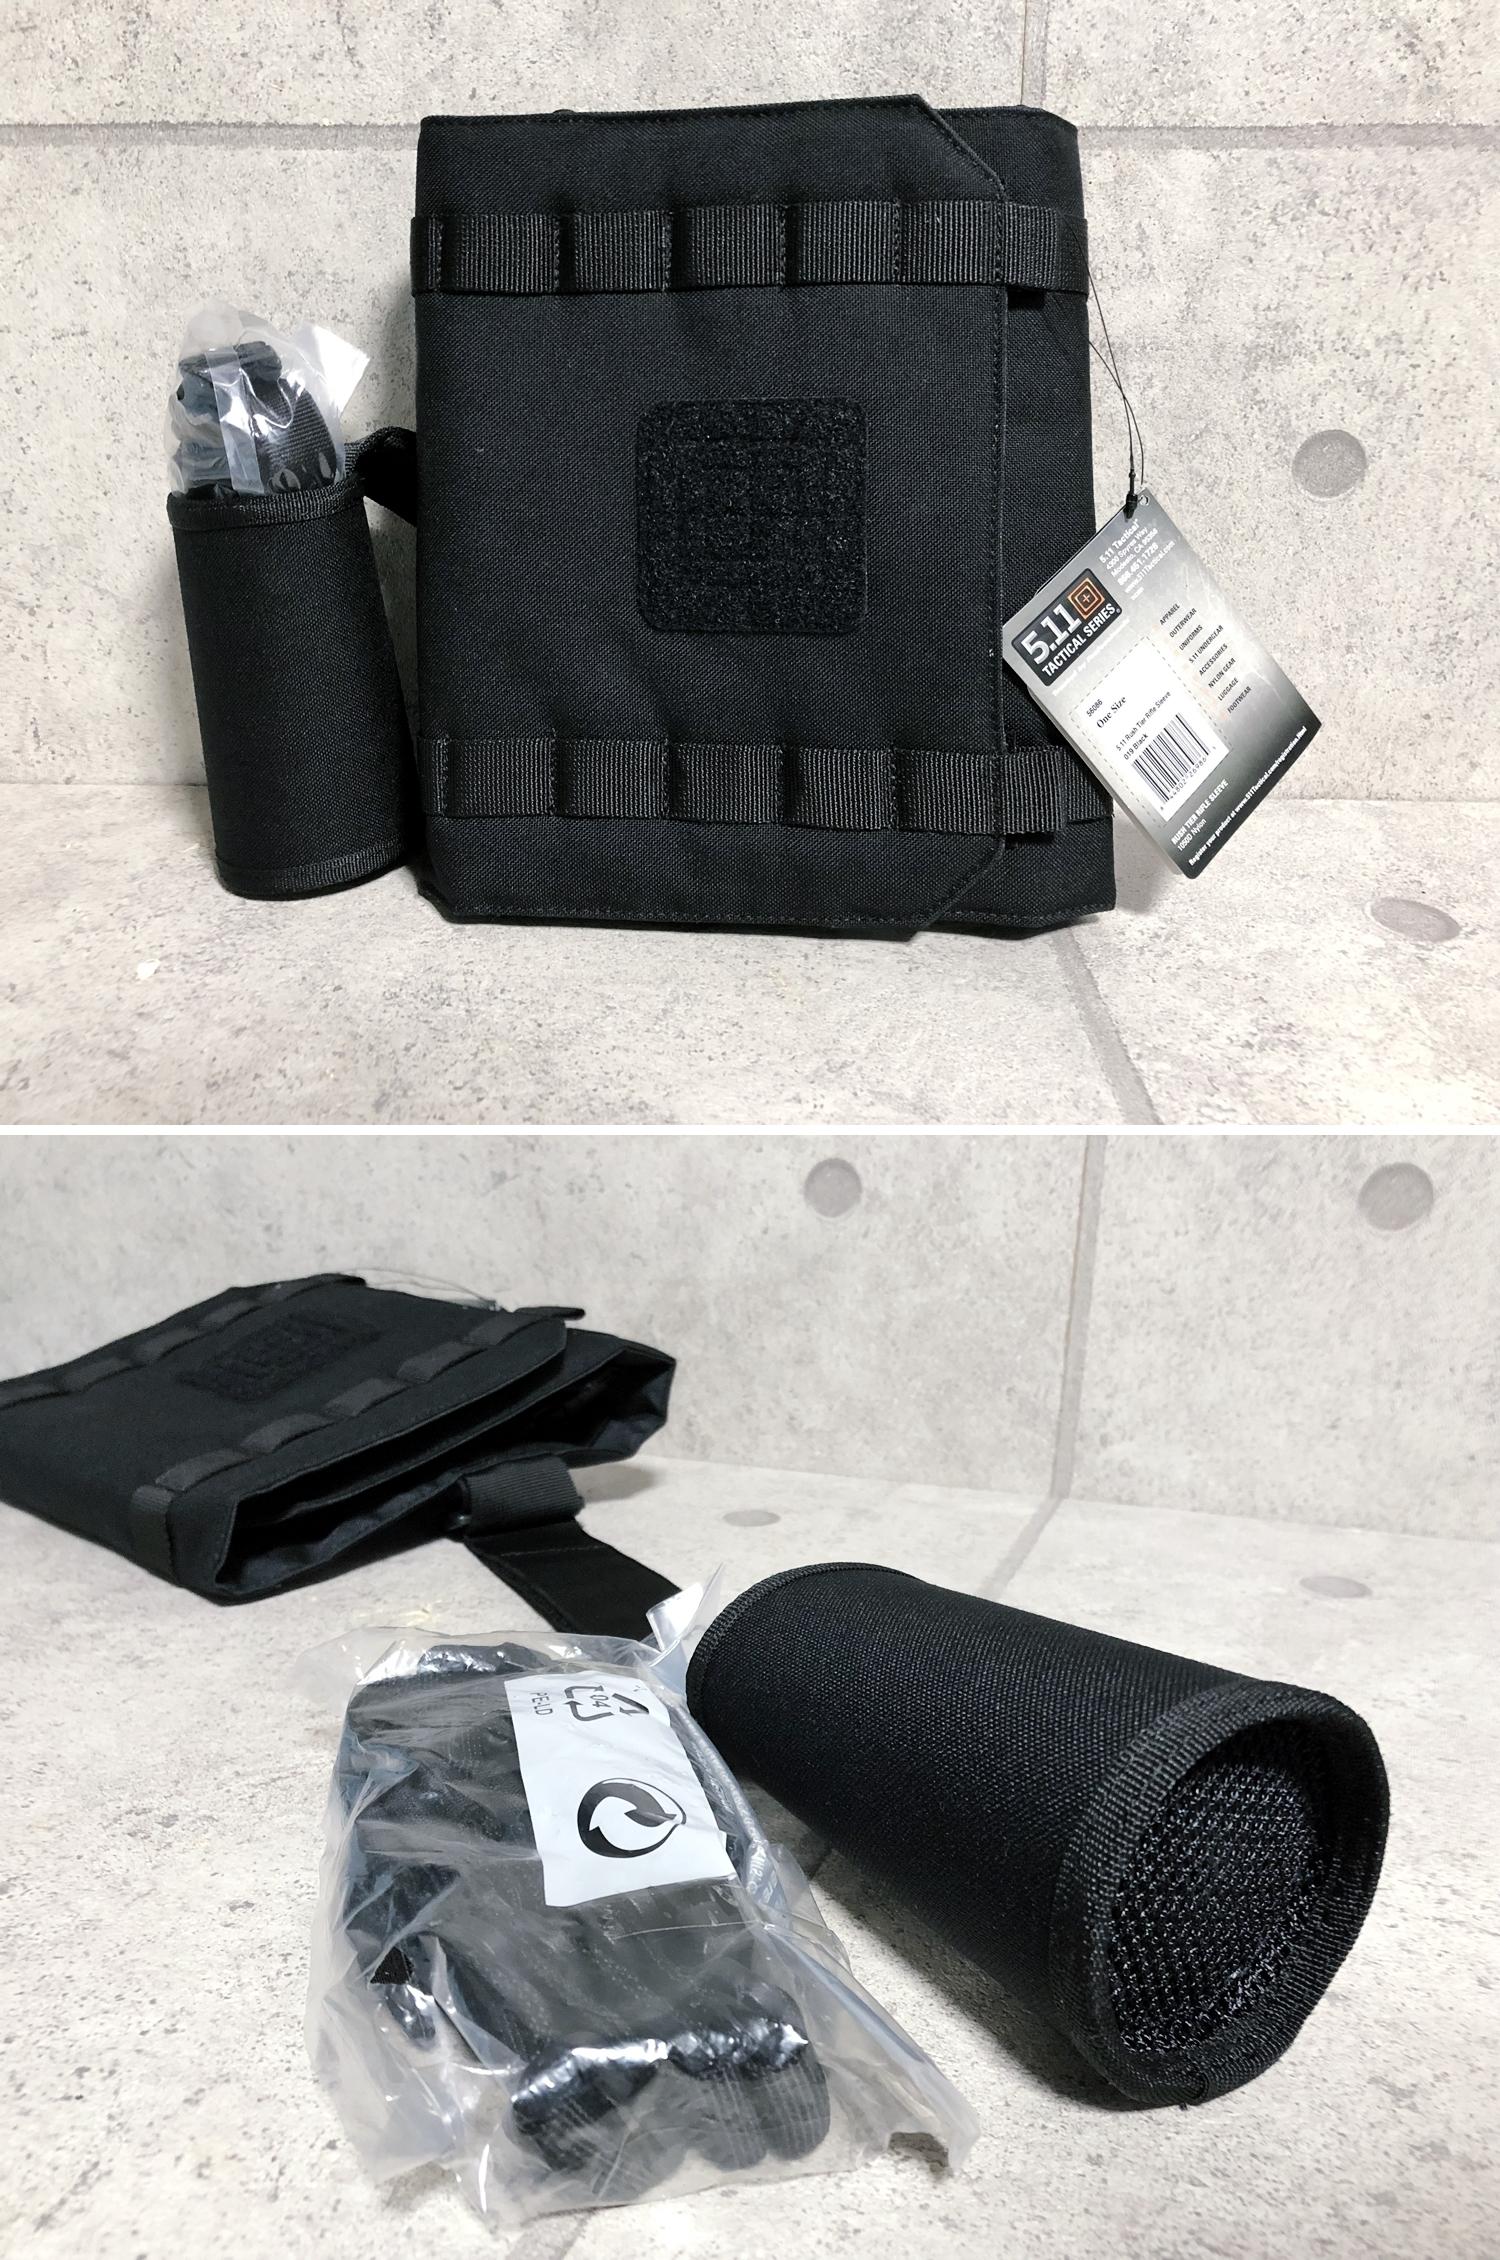 17 実物 511 Tactical RUSH 12 BACKPACK CUSTOM!! ライフルケース・ストラップシステム・ポーチ・ワッペン・ITW TAC LINKなど!! ファイブイレブン タクティカル ラッシュ バックパック カスタム!! 購入 取付 レビュ